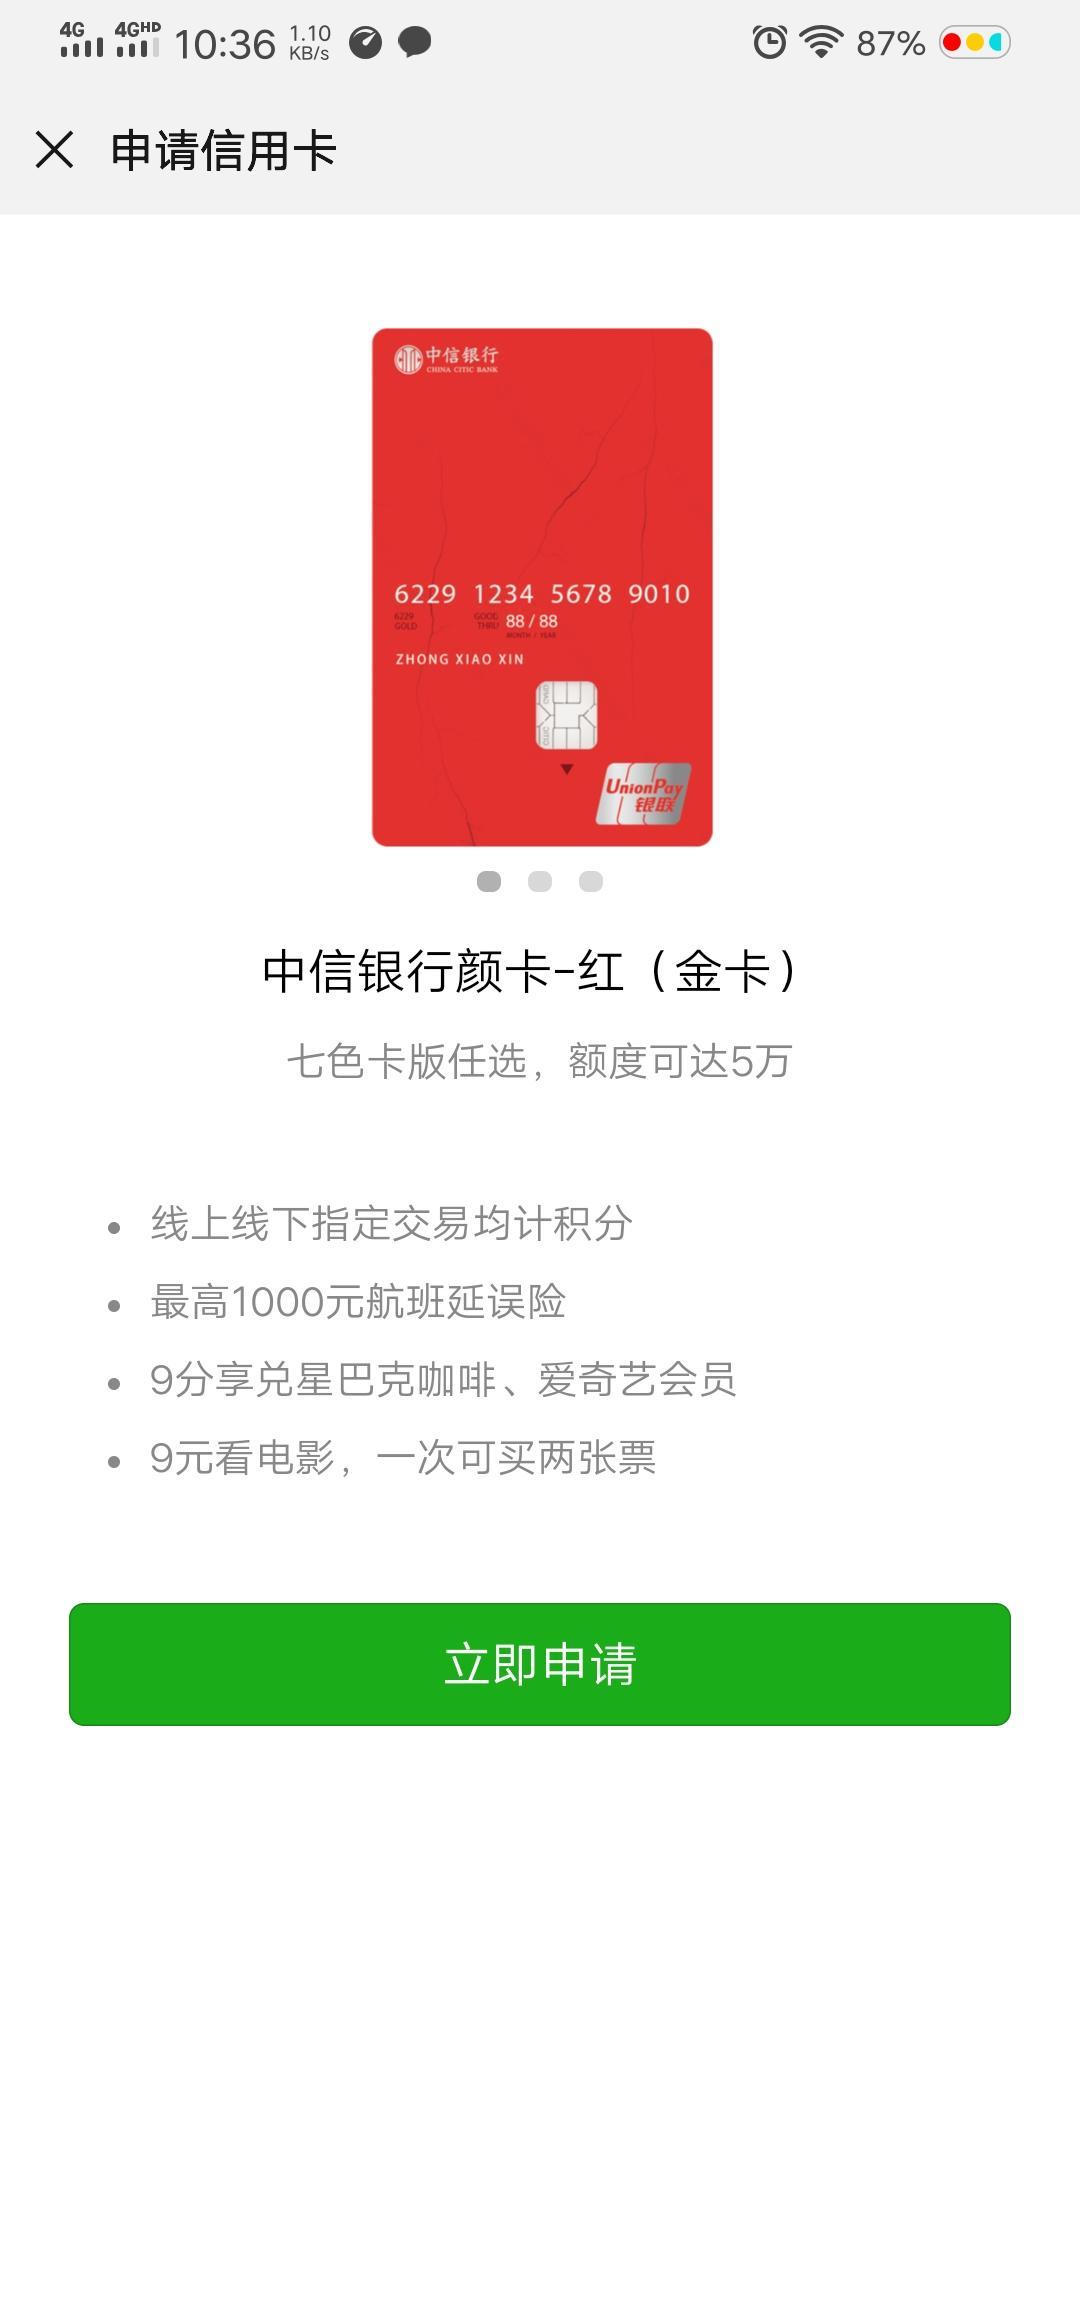 中信银联标准IC信用卡_中信银行白金卡-中信银行信用卡中心